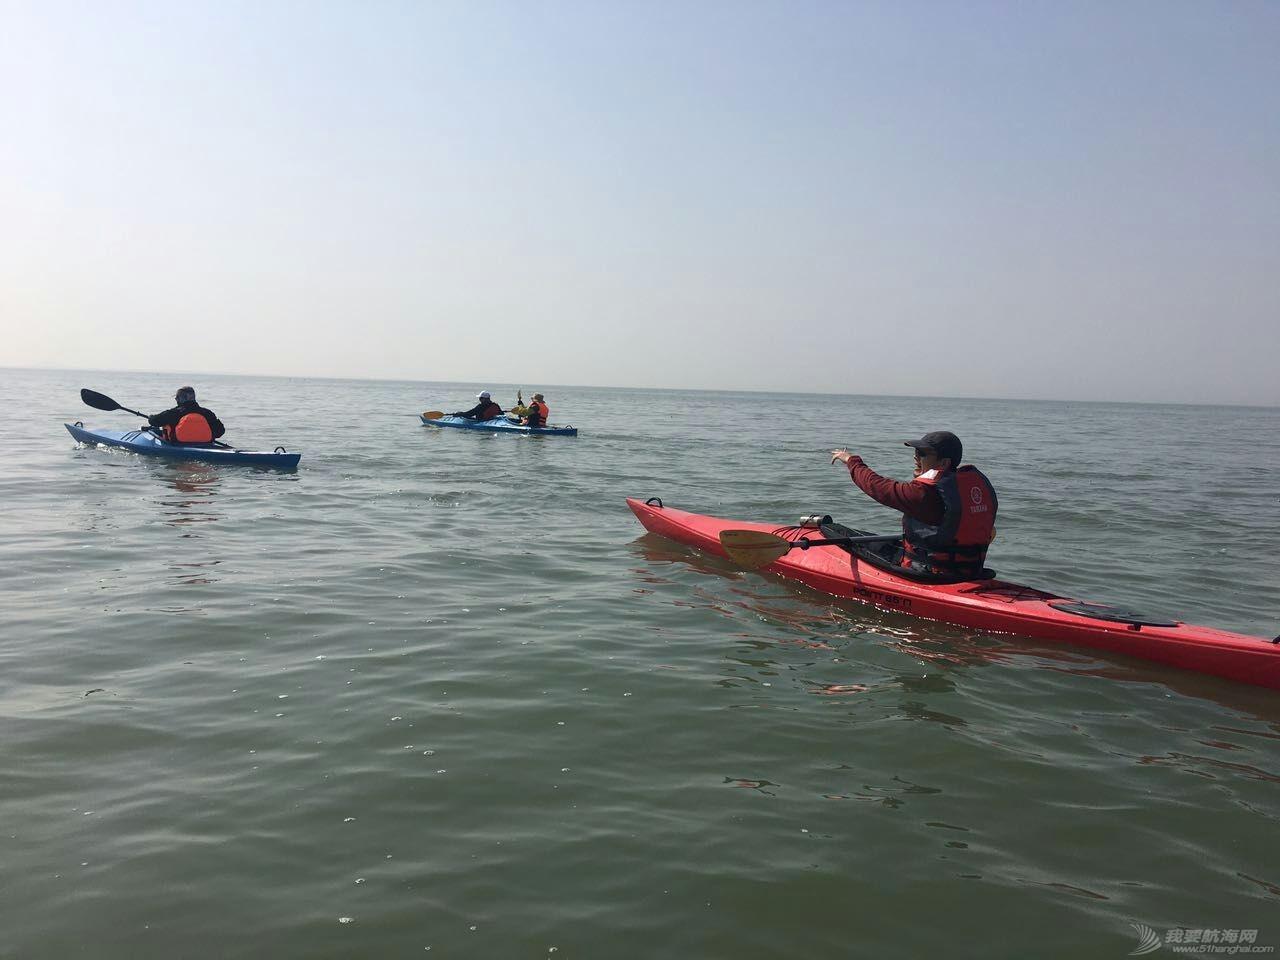 皮划艇,无锡,太湖 无锡君雅皮划艇22人同时穿越太湖贡湖湾 mmexport1456571658329.jpg